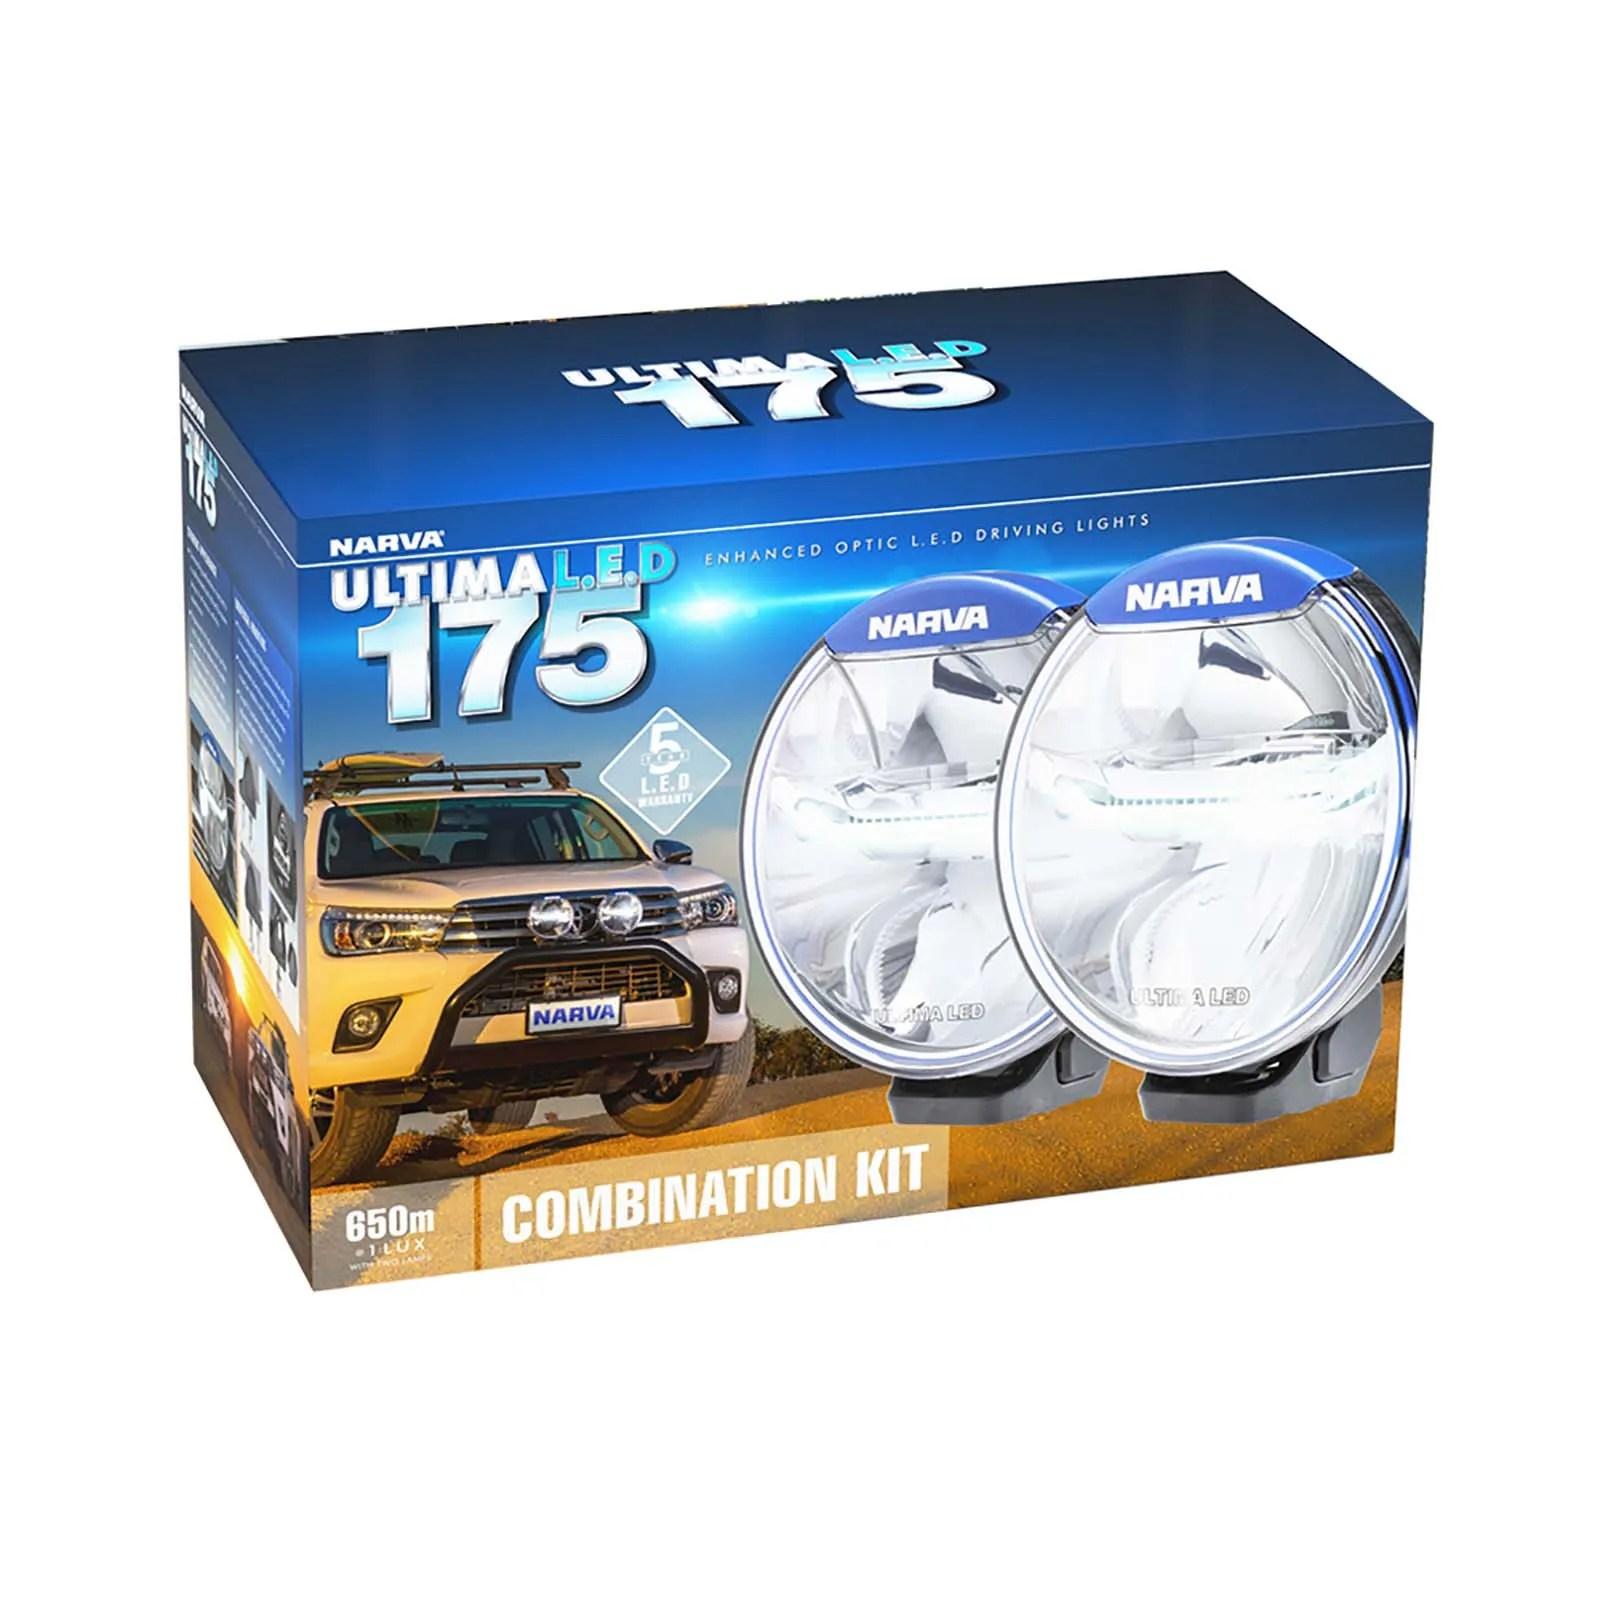 hight resolution of narva ultima 175 l e d combination driving light kit narva 175 spotlight wiring diagram